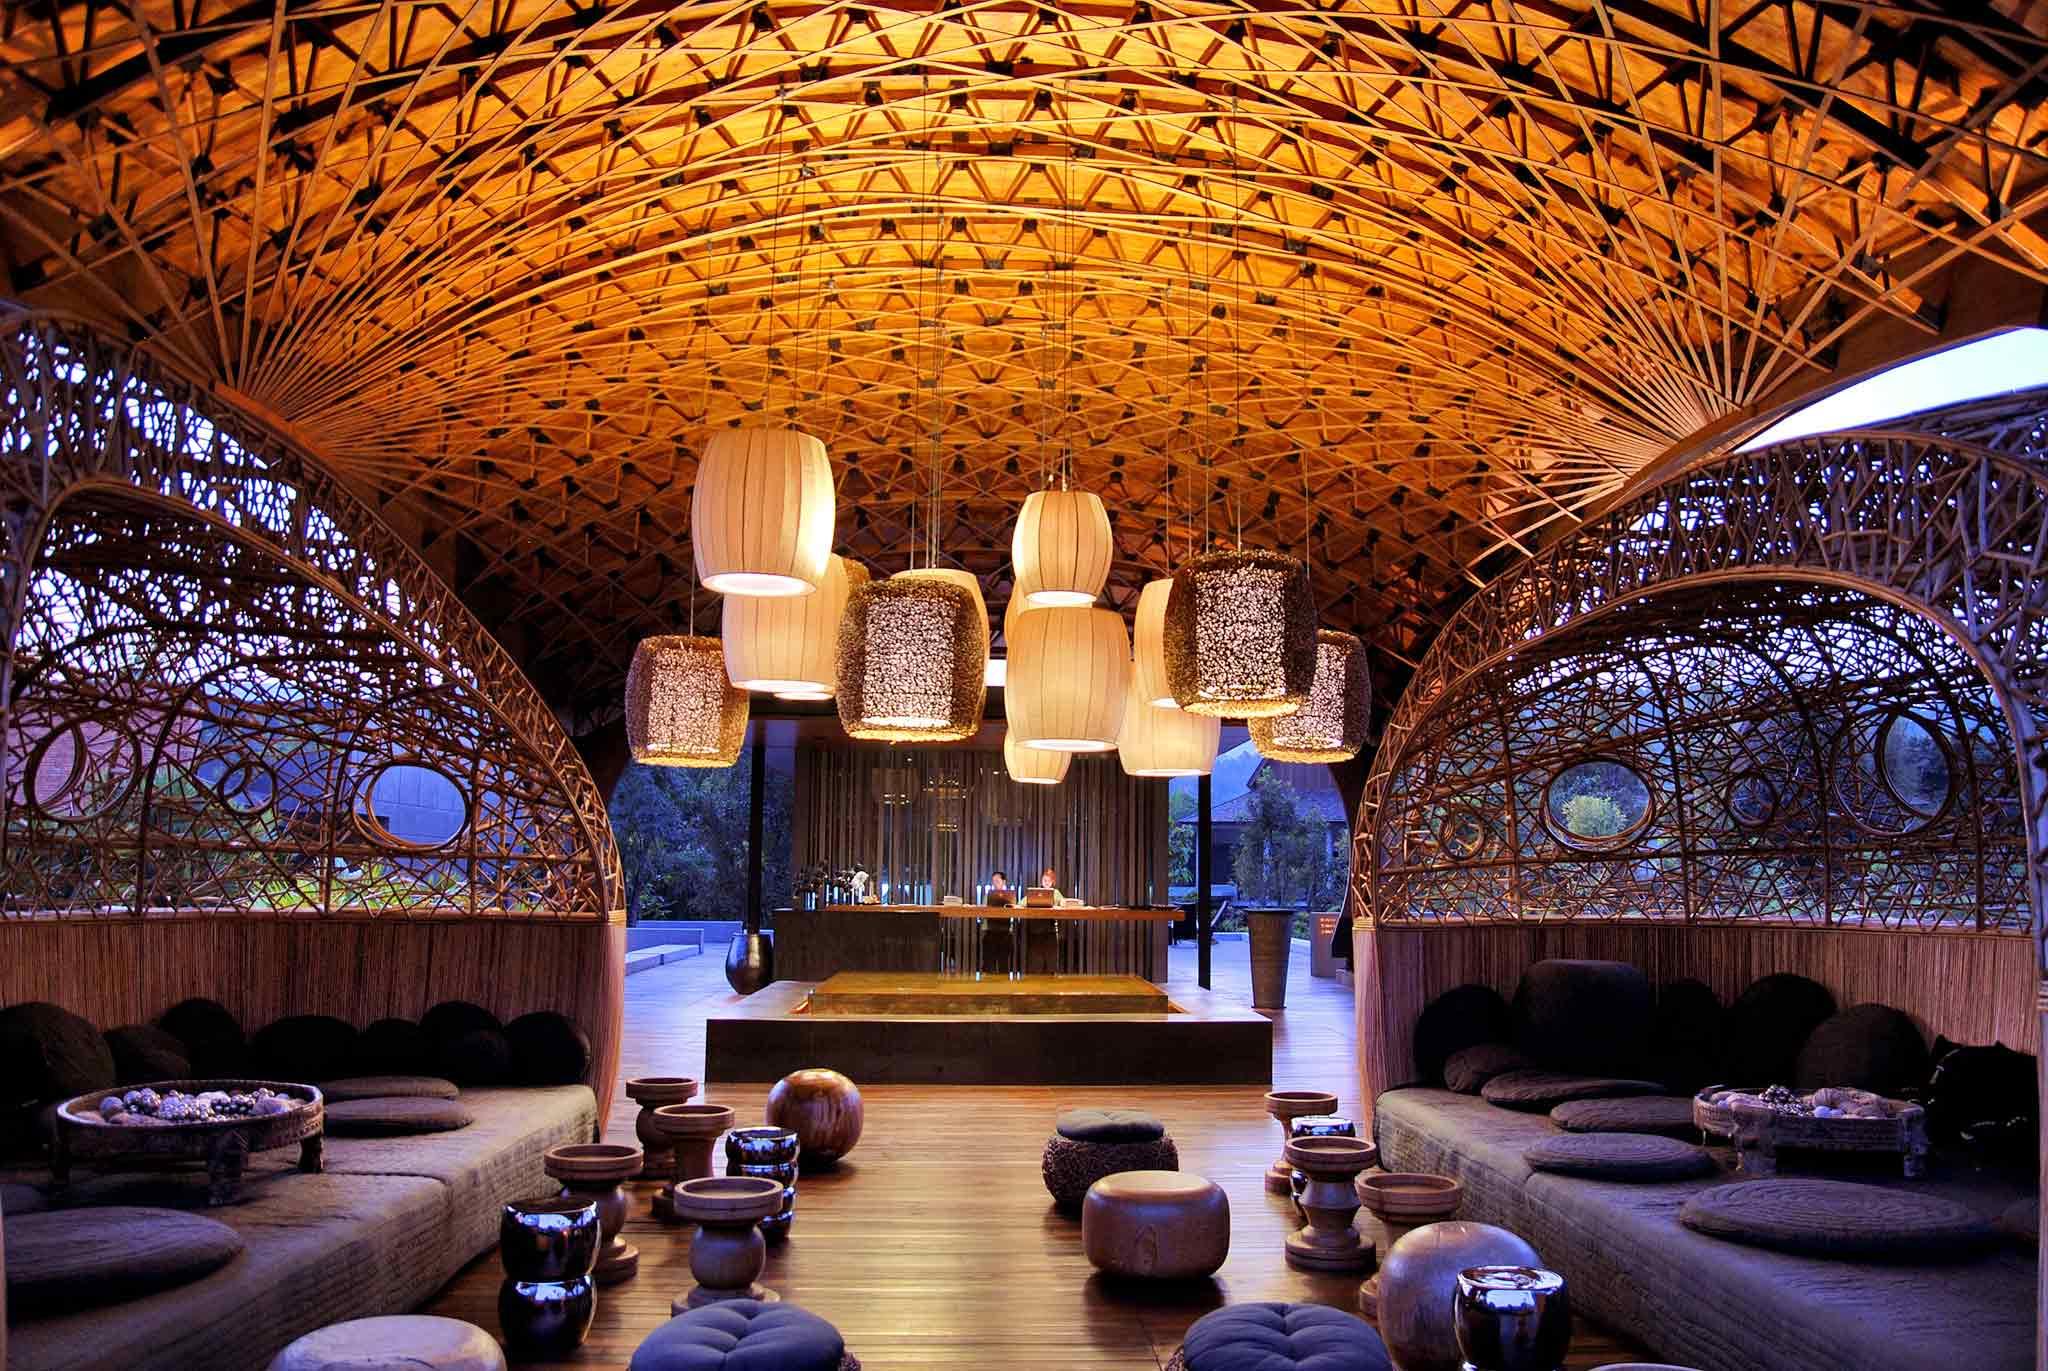 酒店 – 美憬阁索菲特清迈沃伦塔高级度假村